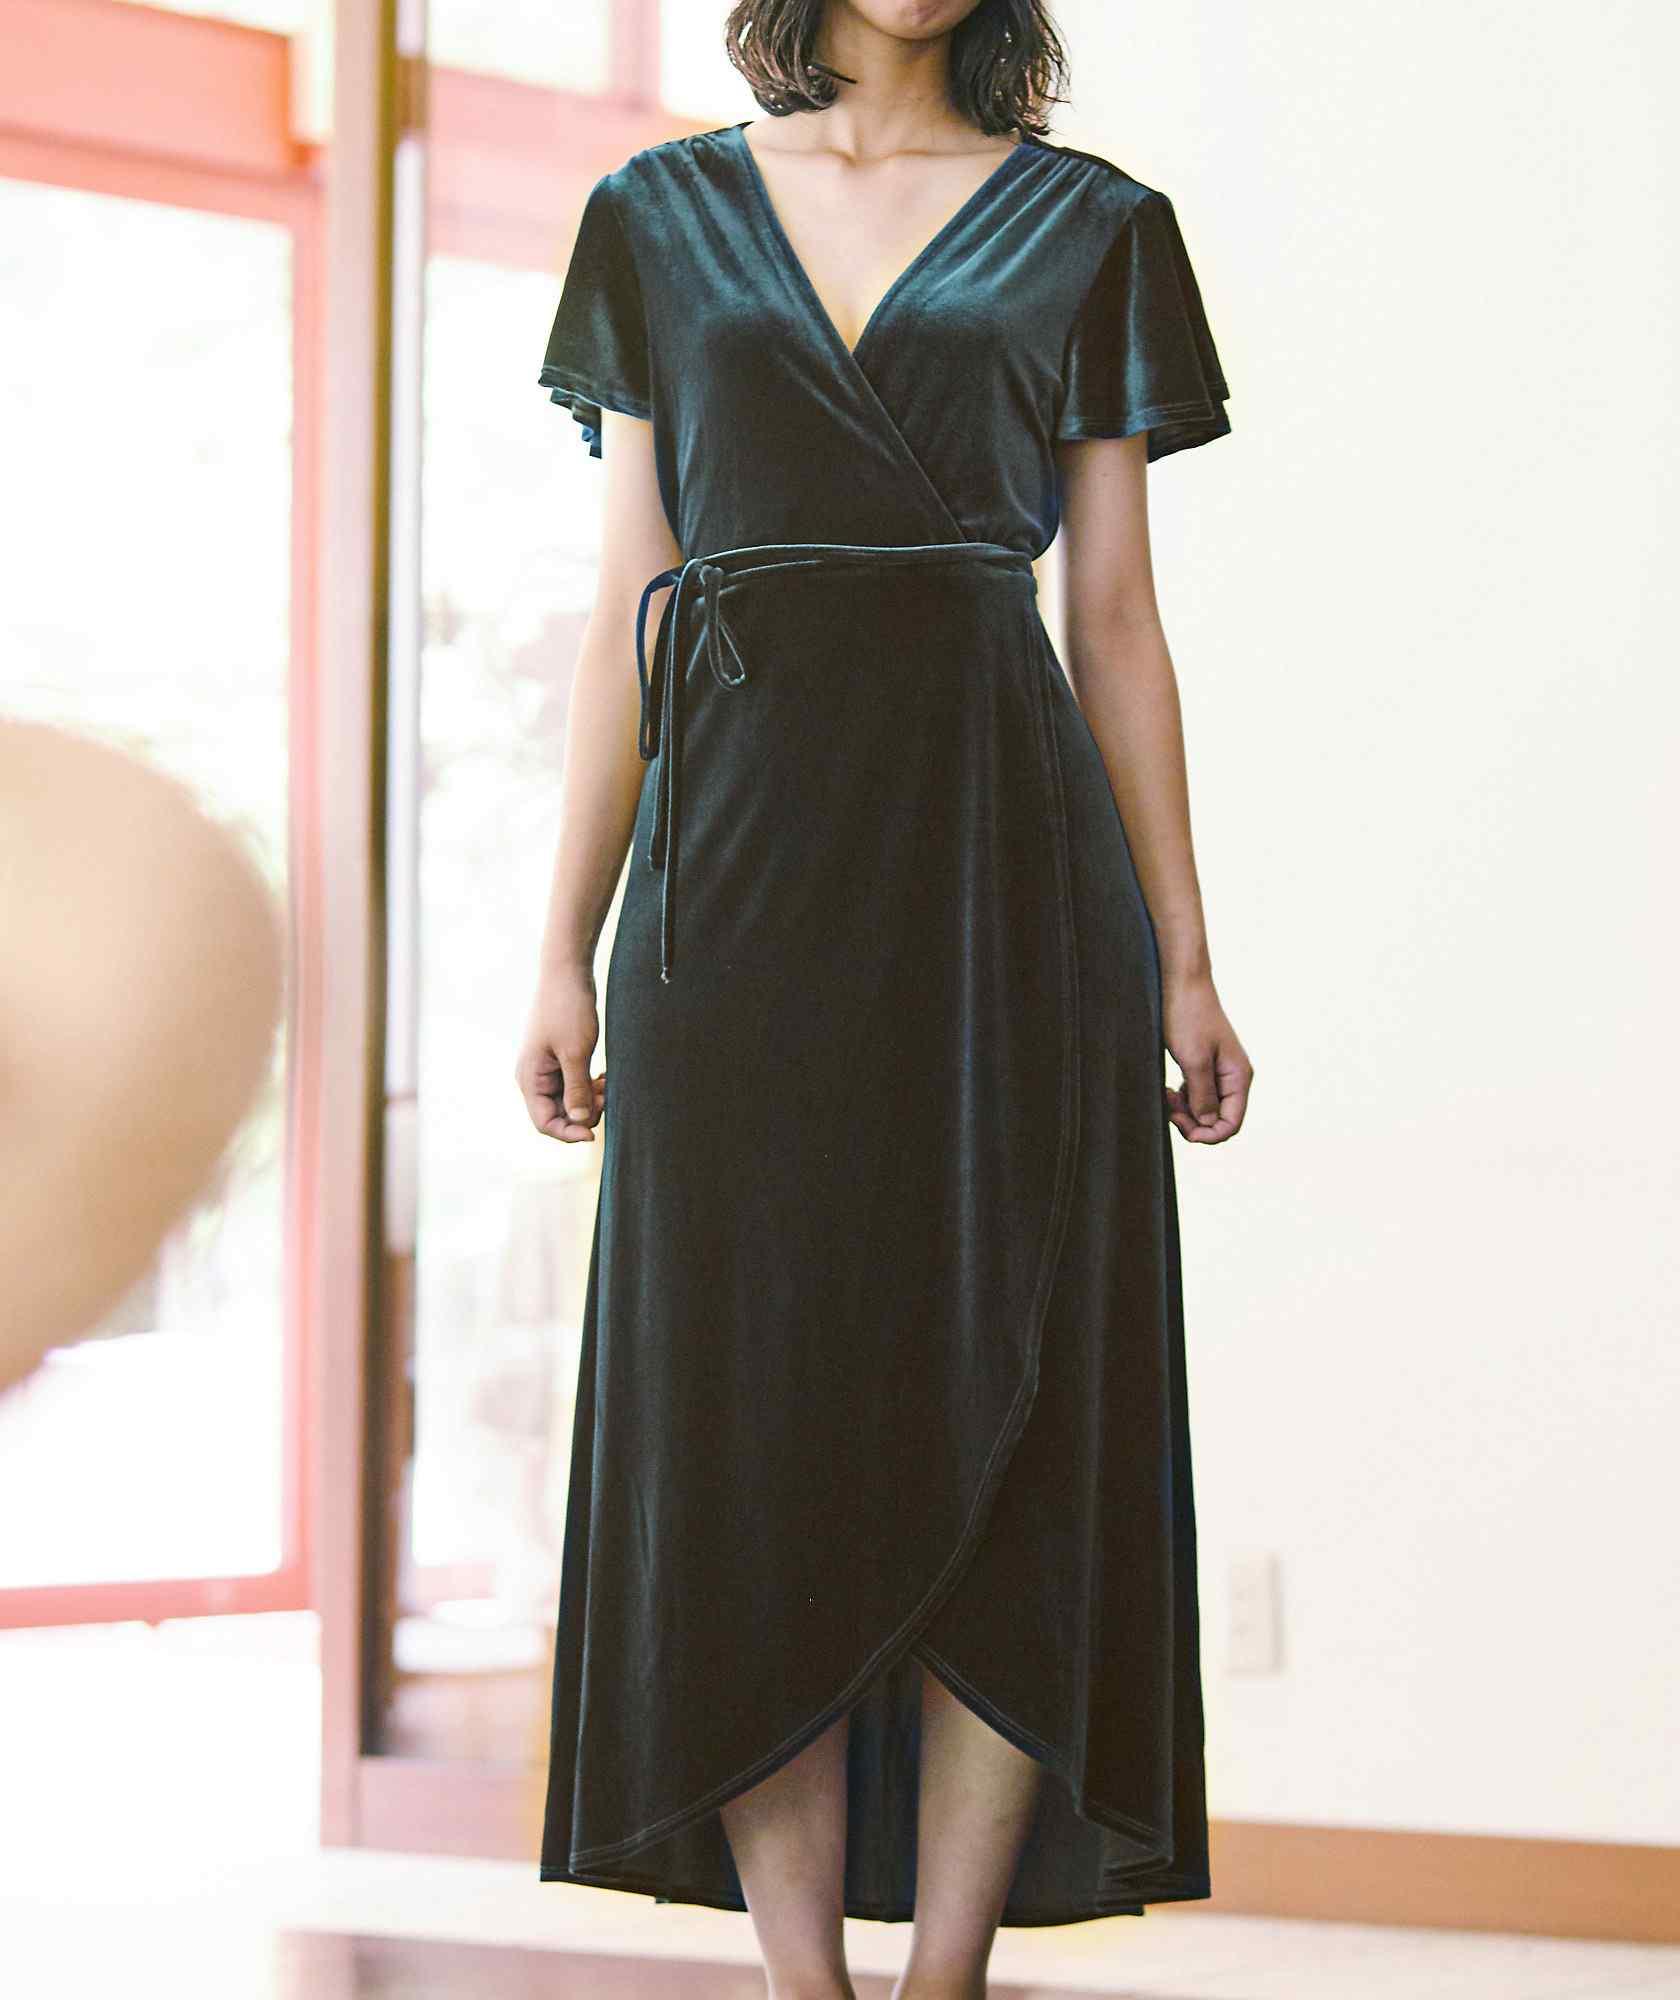 ベルベットラップロングドレス-グリーン-M-L